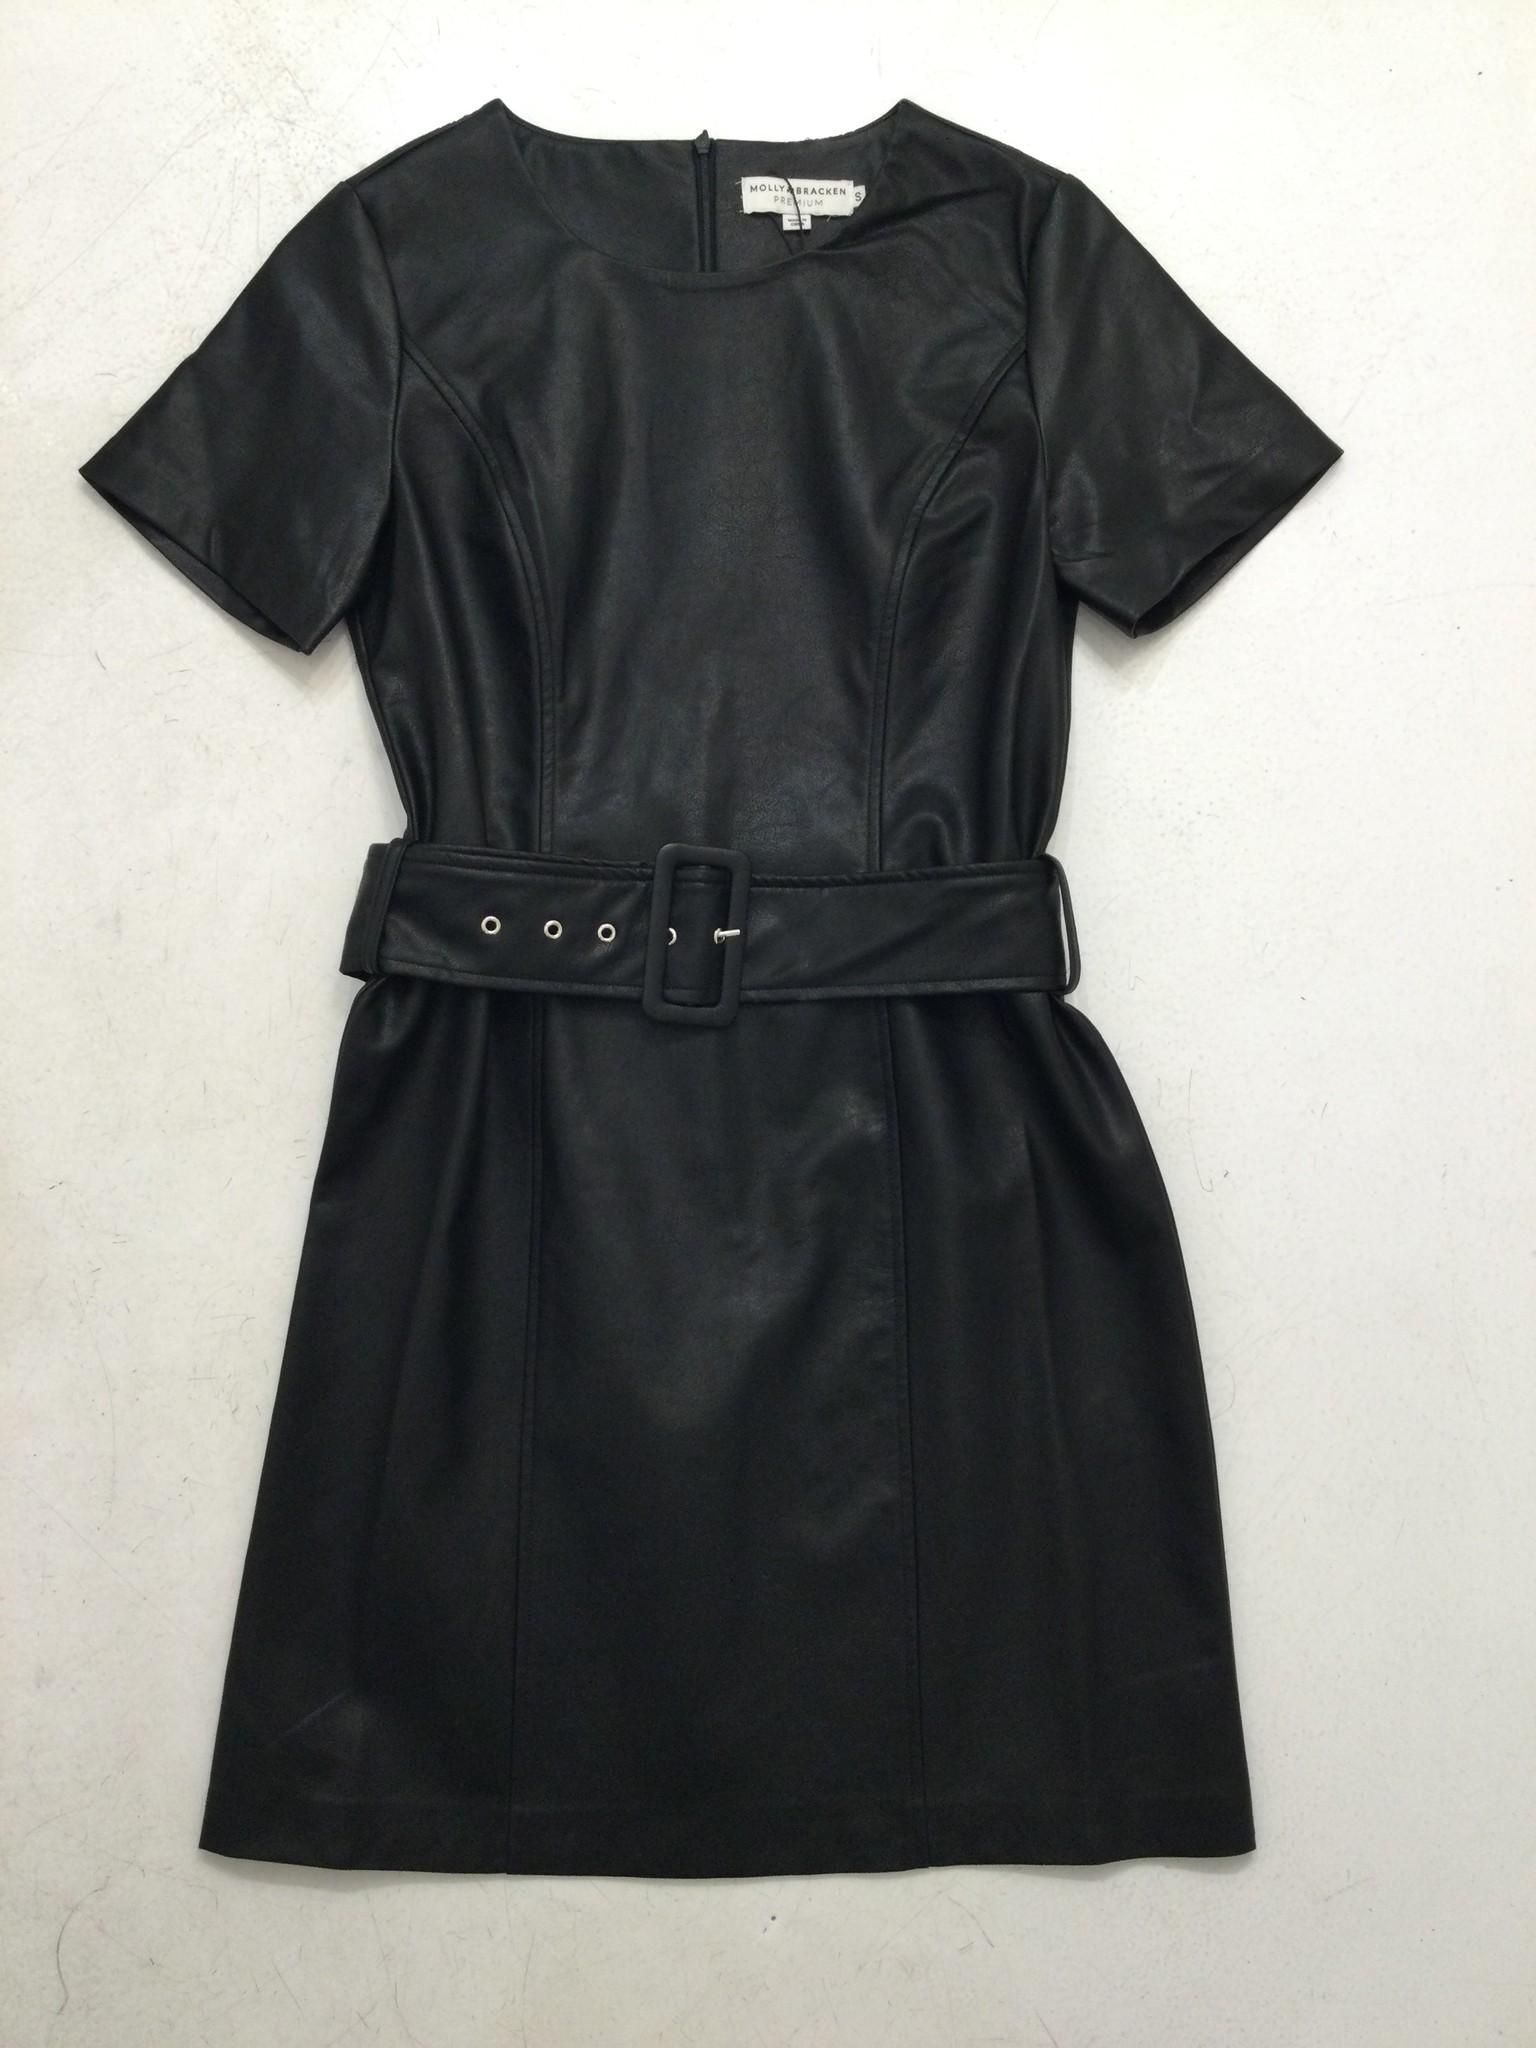 Molly Bracken Faux Leather Dress